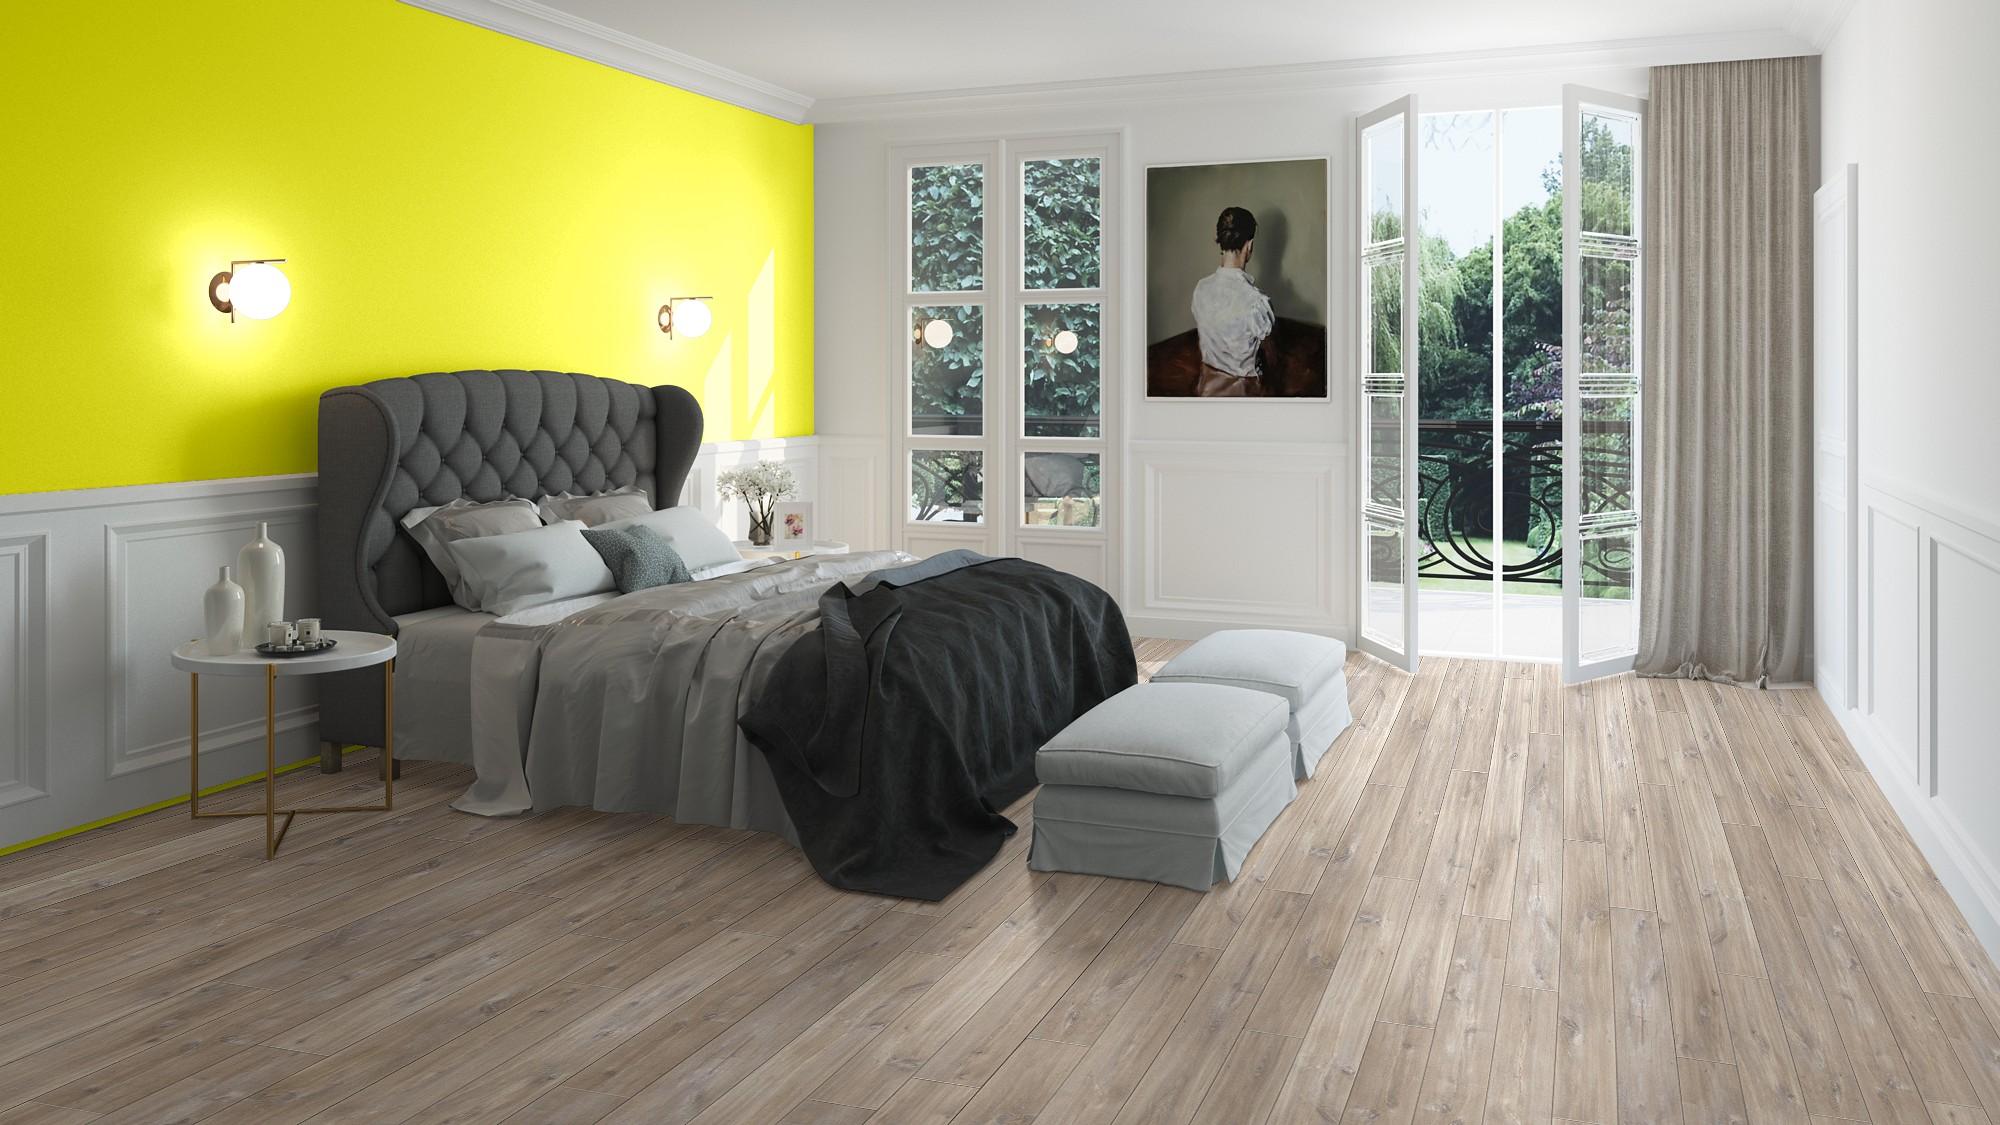 Laminaat gratis gelegd  u20ac18,50 p  m2   laminaat aanbieding   Goedkoop laminaat kopen